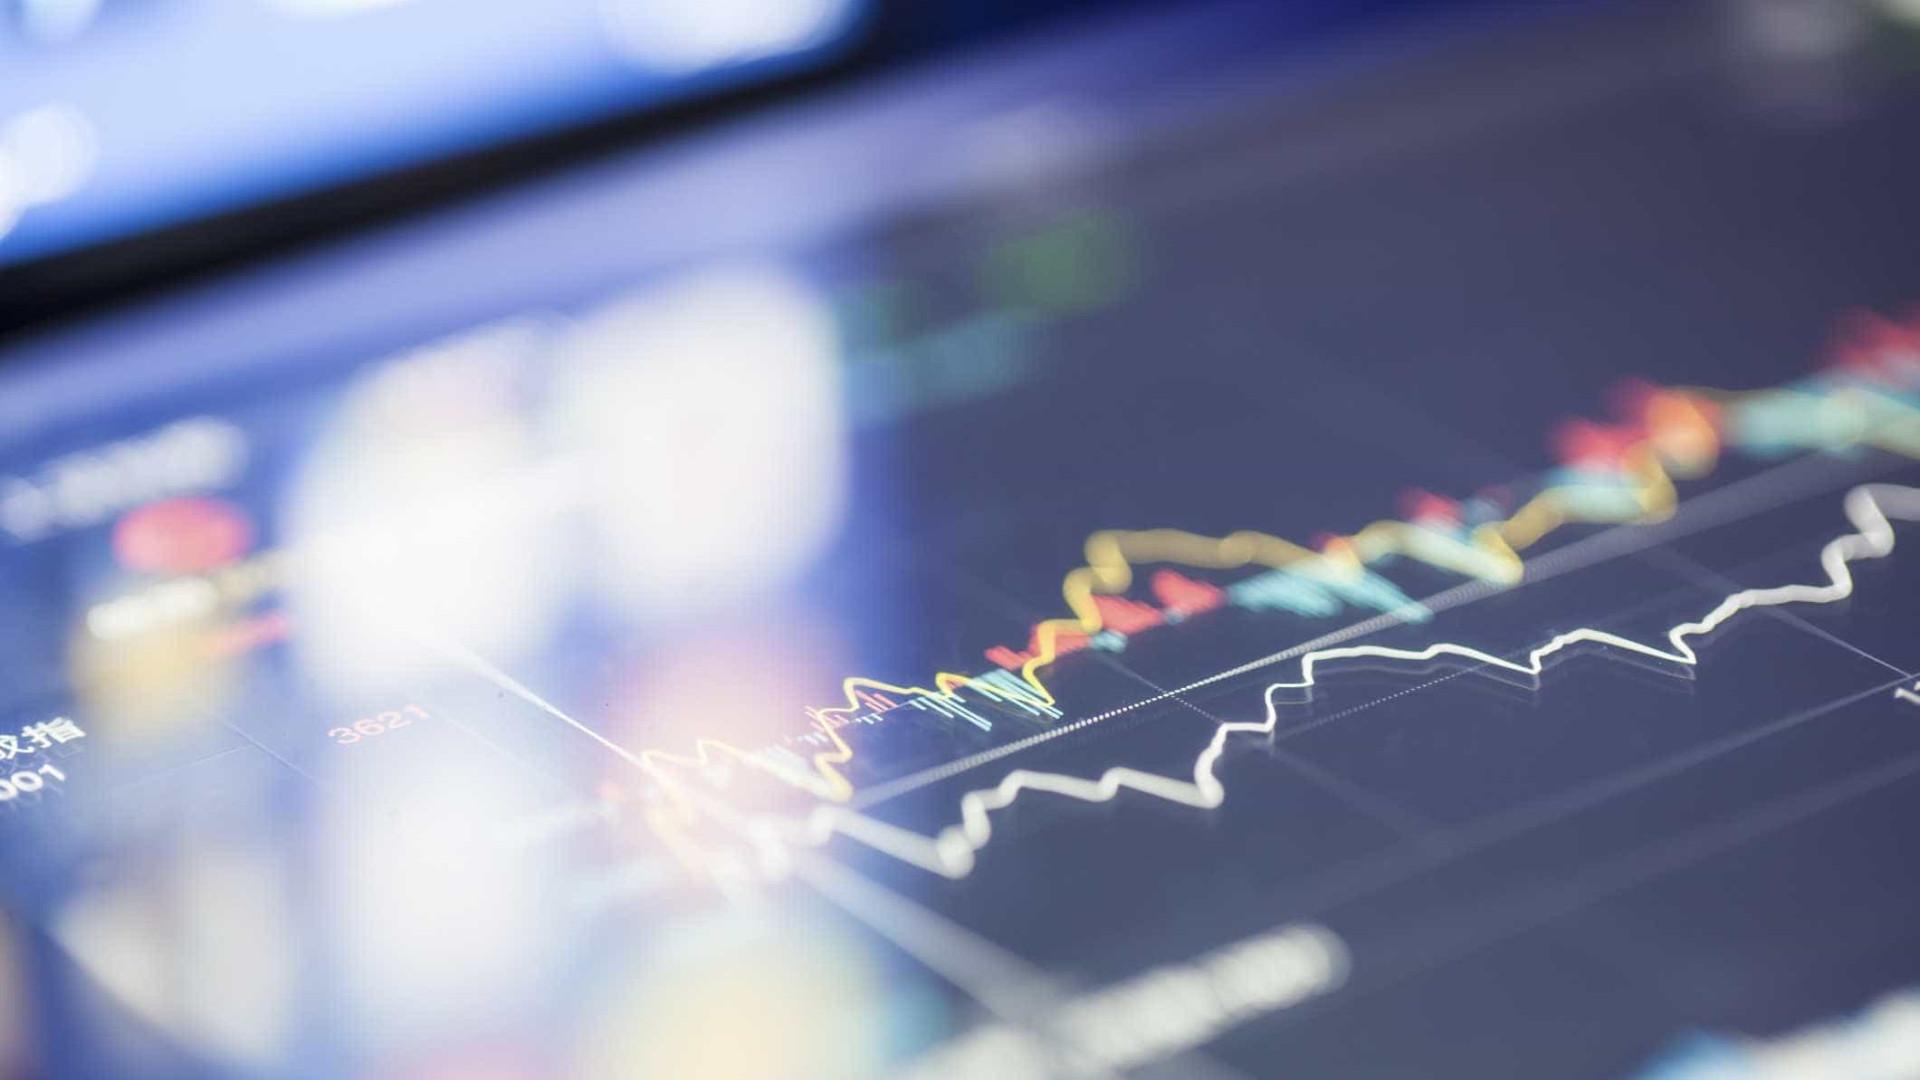 Bolsa de Lisboa em baixa com Corticeira Amorim a cair 1,39%